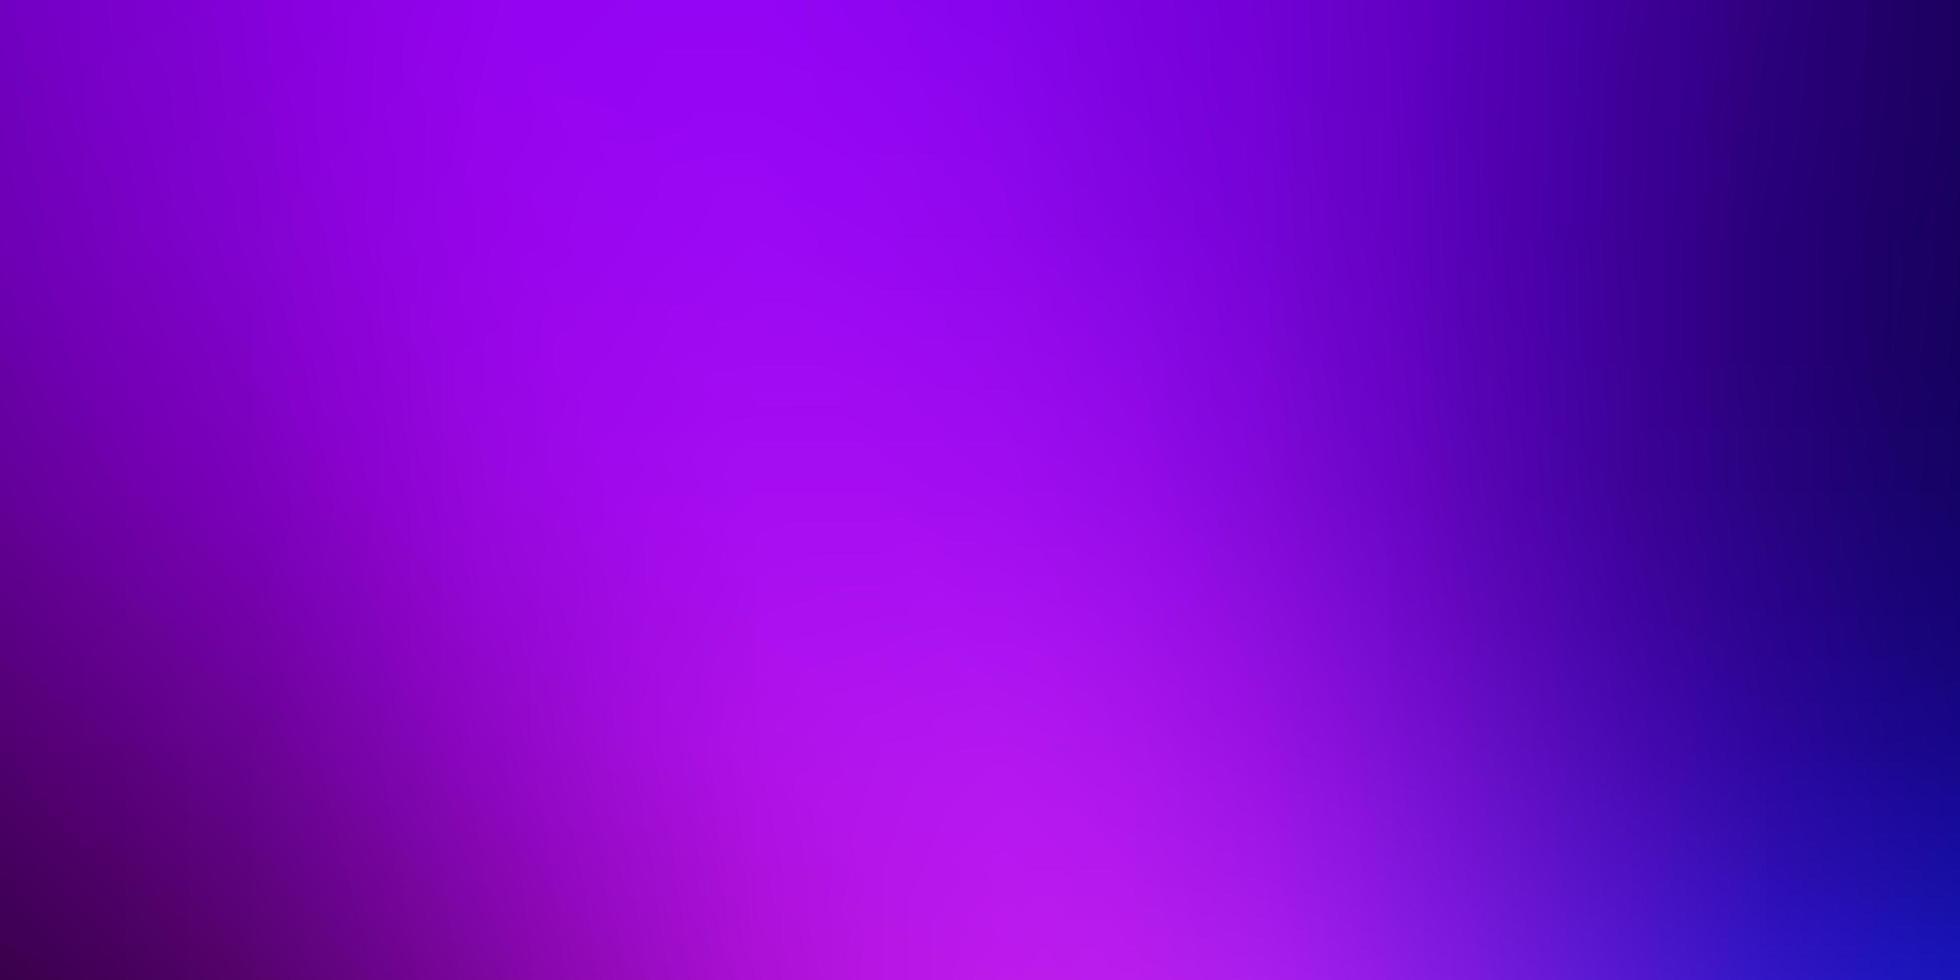 modelo borrado inteligente rosa e azul. vetor